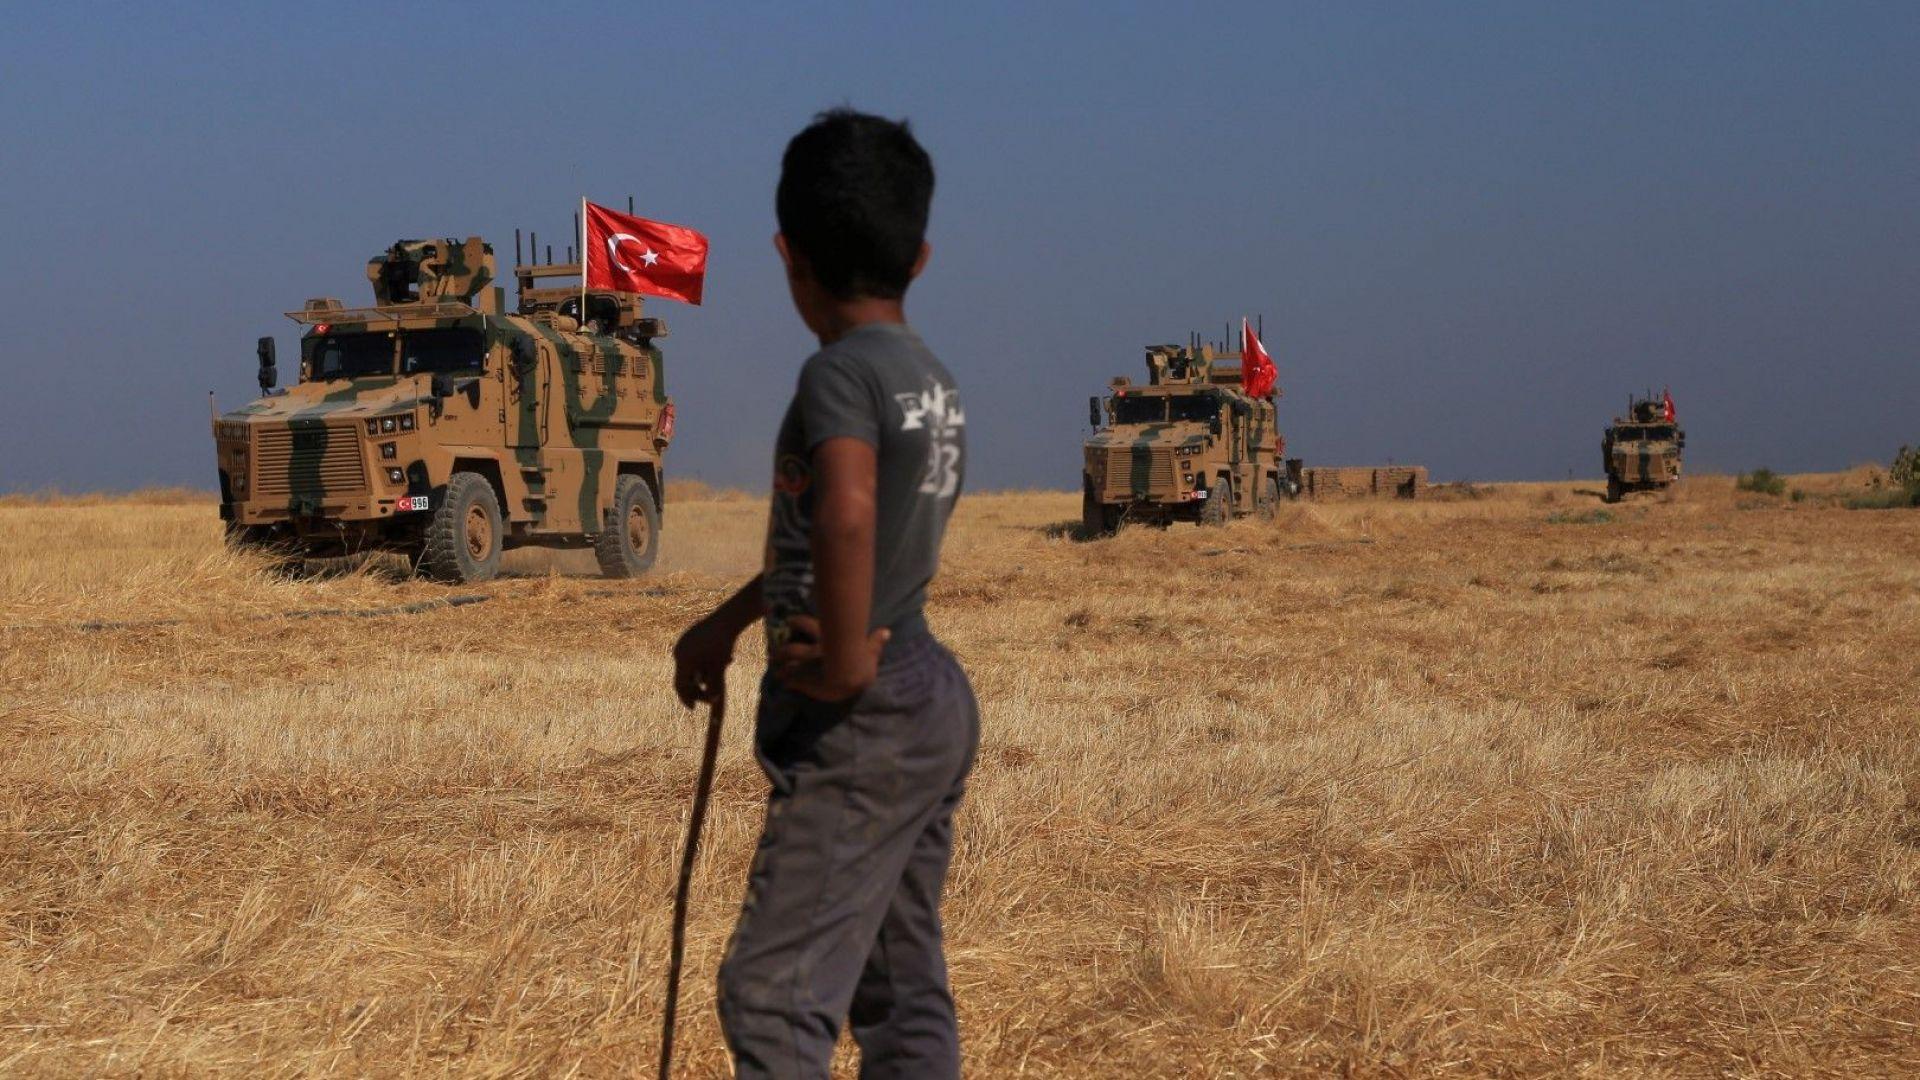 САЩ заплашиха Турция с тежки санкции, но Анкара продължава настъплението в Сирия